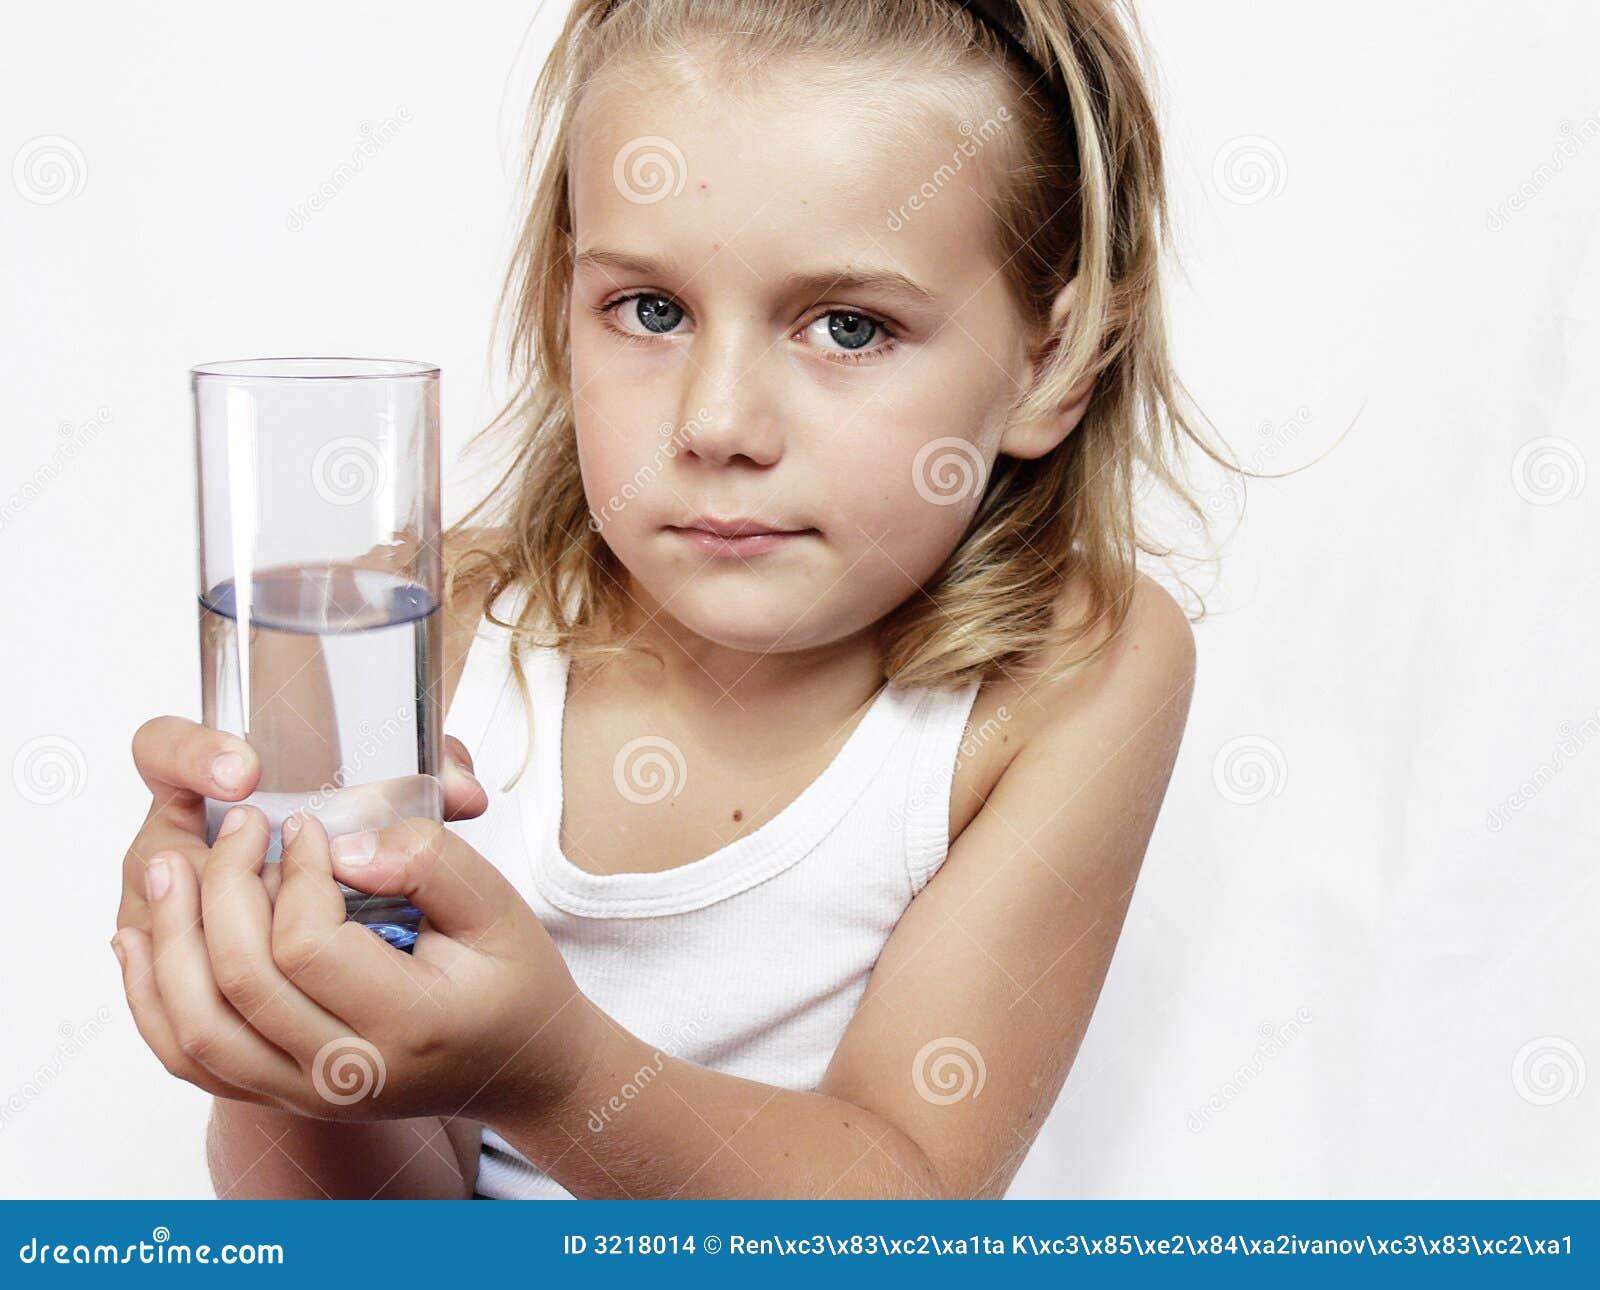 Bambino con vetro di acqua